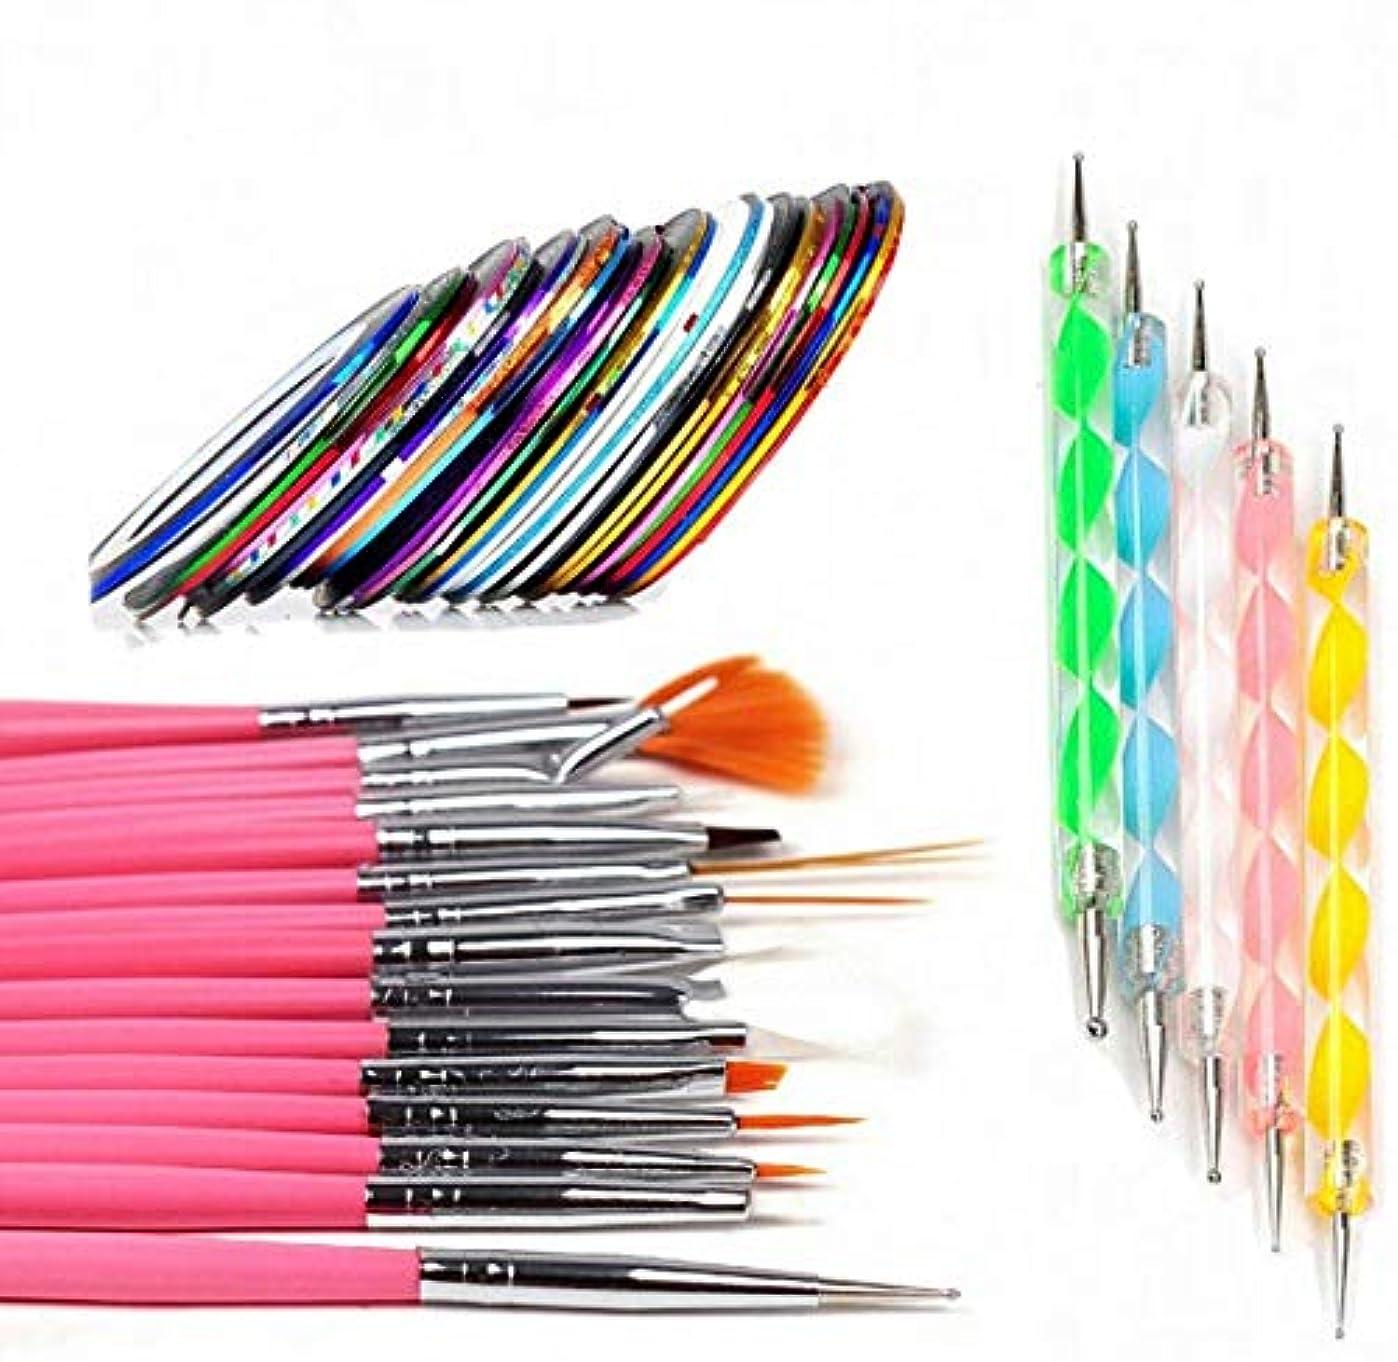 哲学博士策定するとにかくWellieSTR 55pcs バンドルネイルアートツールキット:15pcsアクリルネイルアートデザインペインティングディテールブラシ+ 35pcs混合色ストリッピングテープ+ 5pcsドットペン(10サイズ)